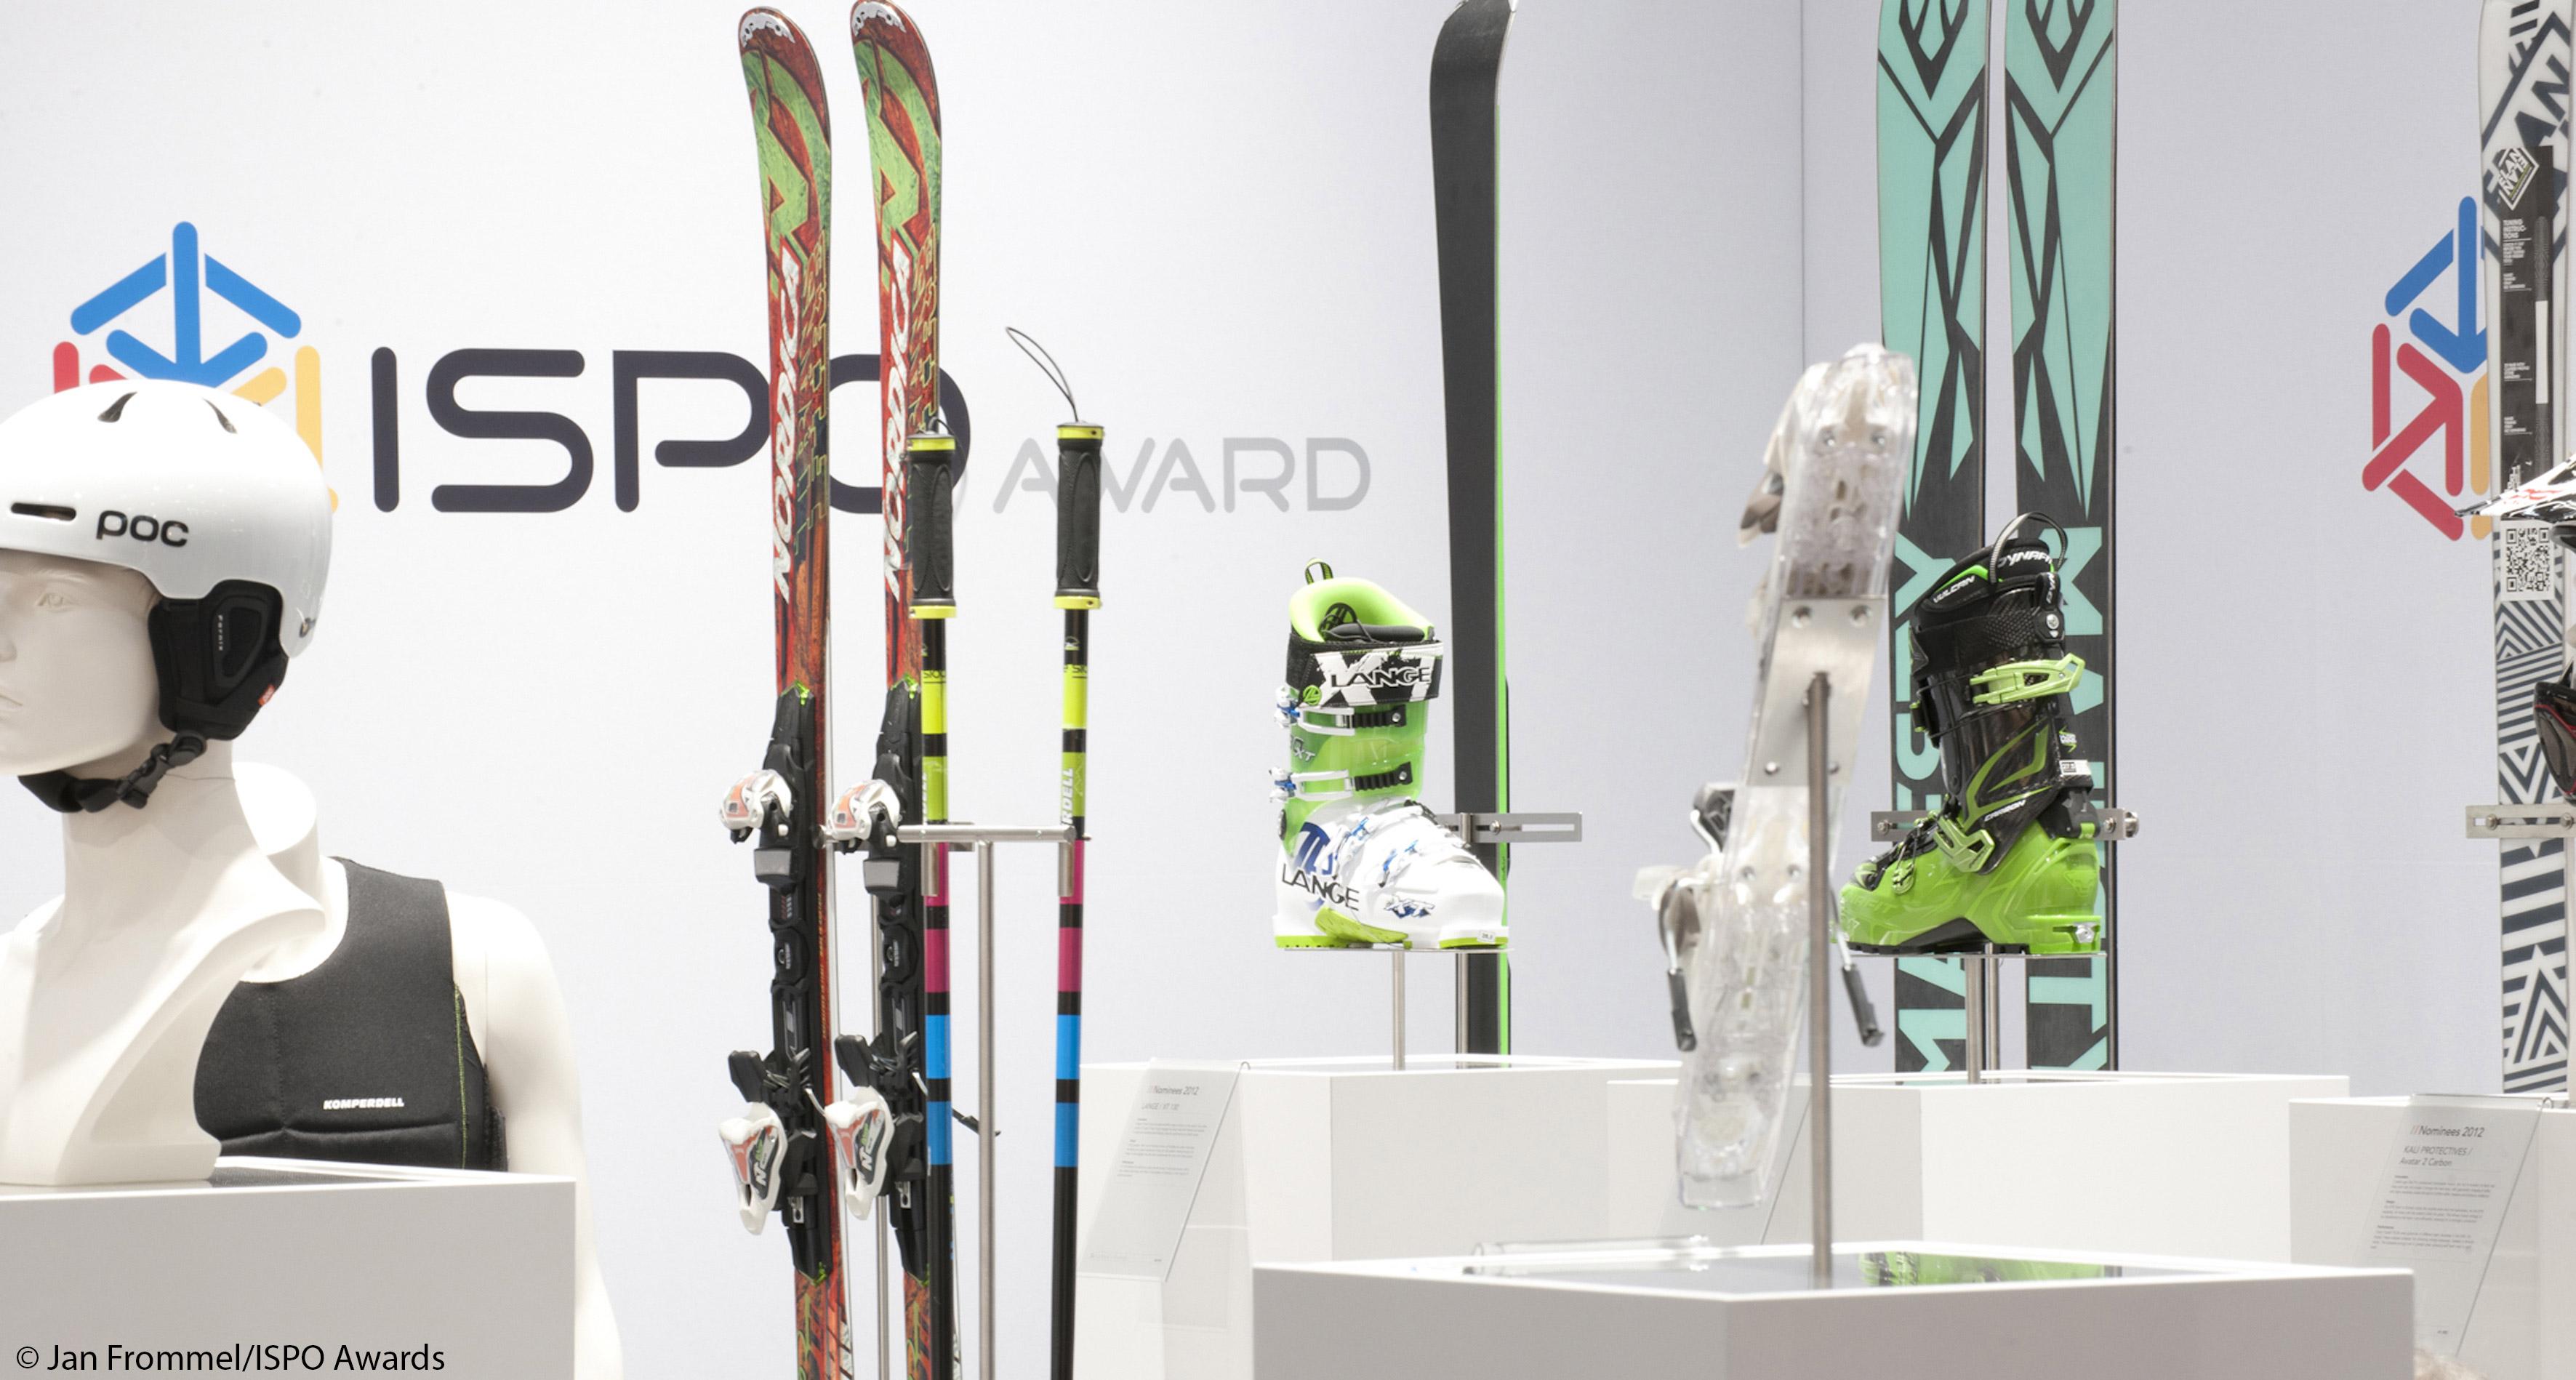 Ispo-Awards-Ski